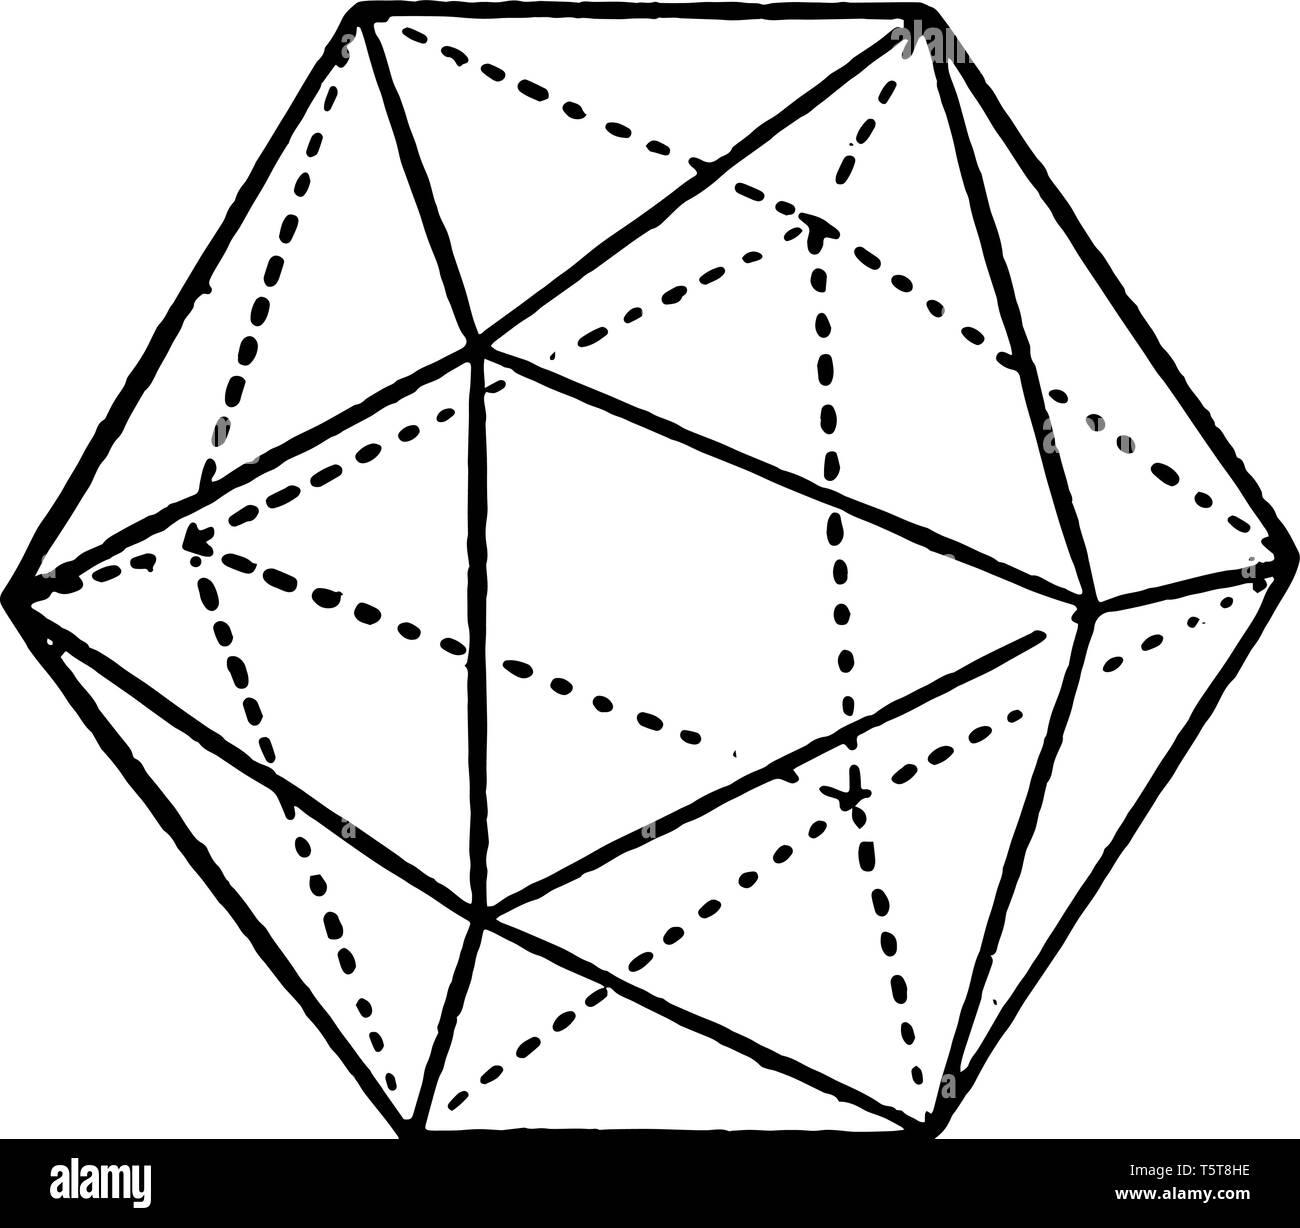 Icosahedron Black and White Stock Photos & Images - Alamy